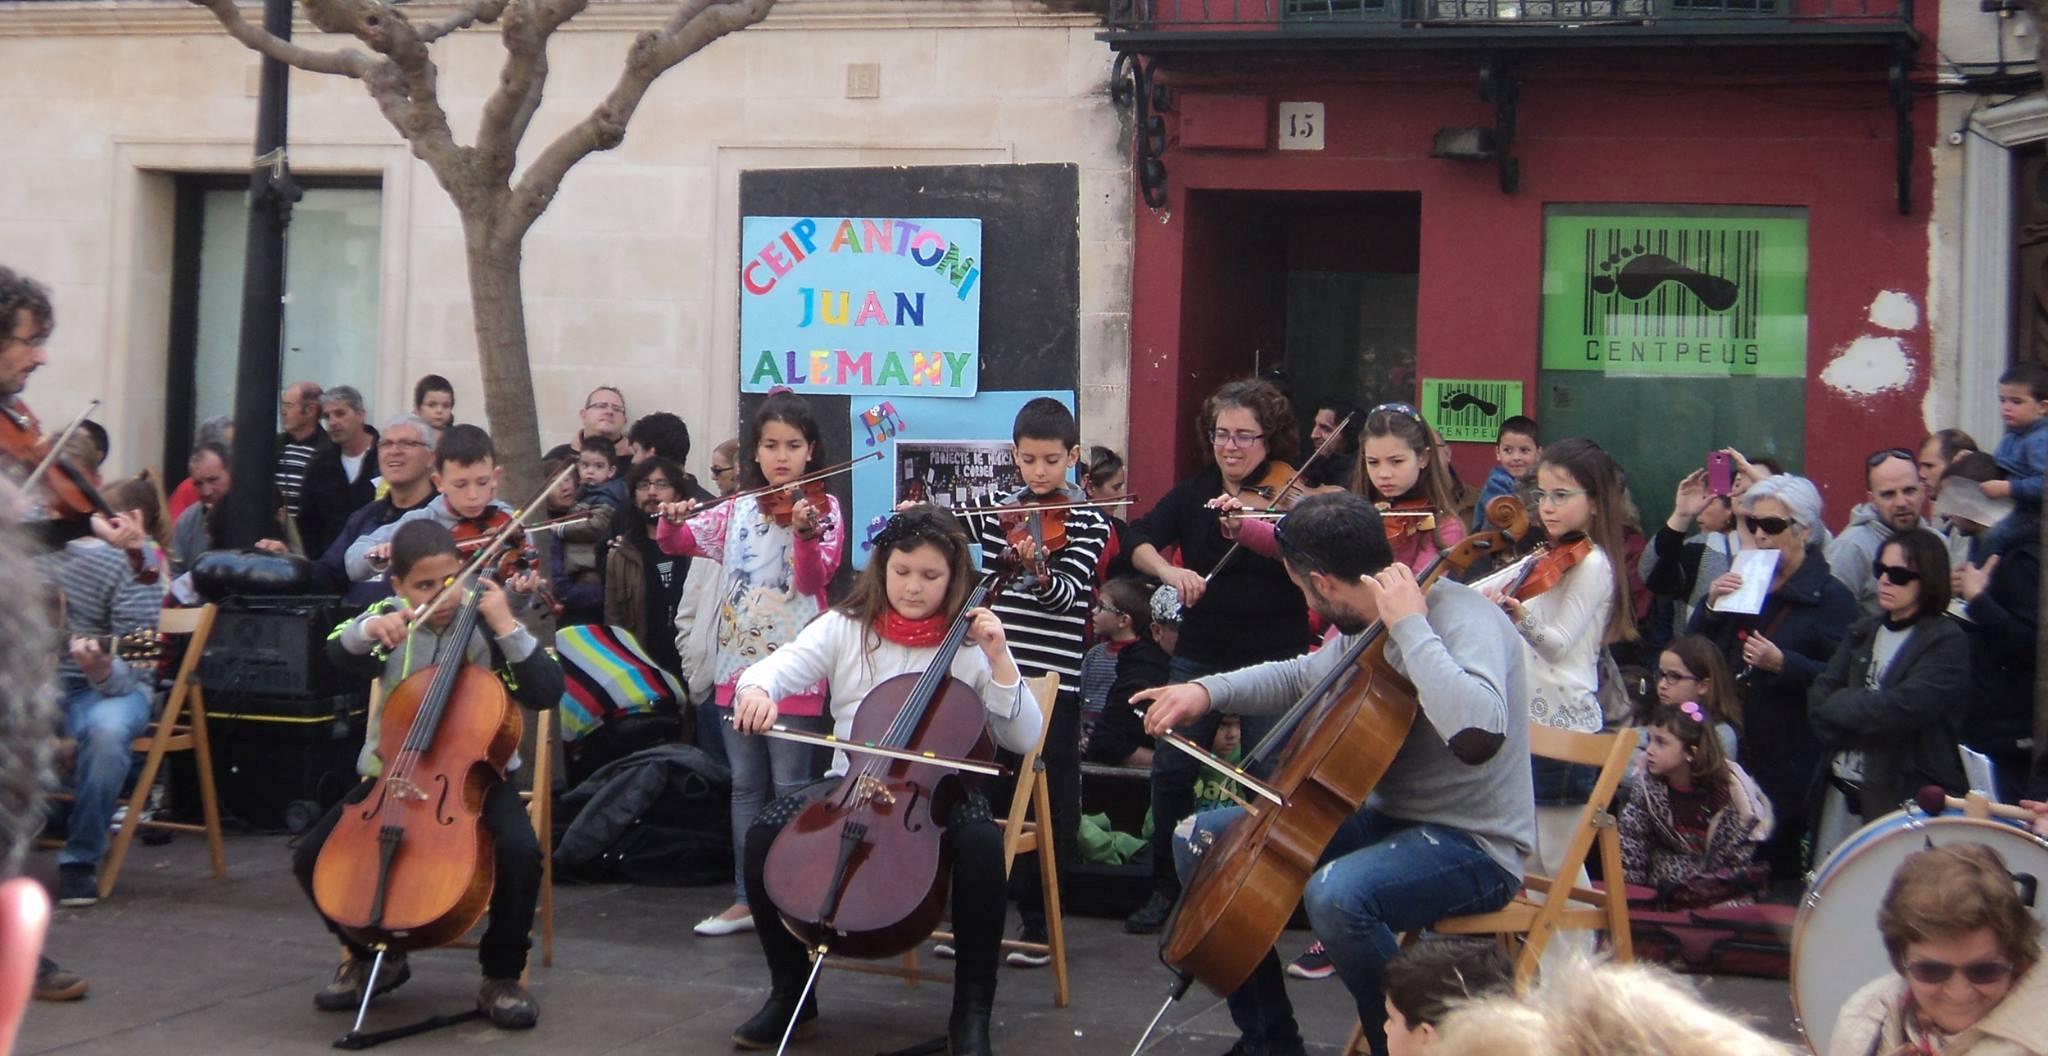 La enseñanza musical en la formación de las personas será el tema central de las Jornadas